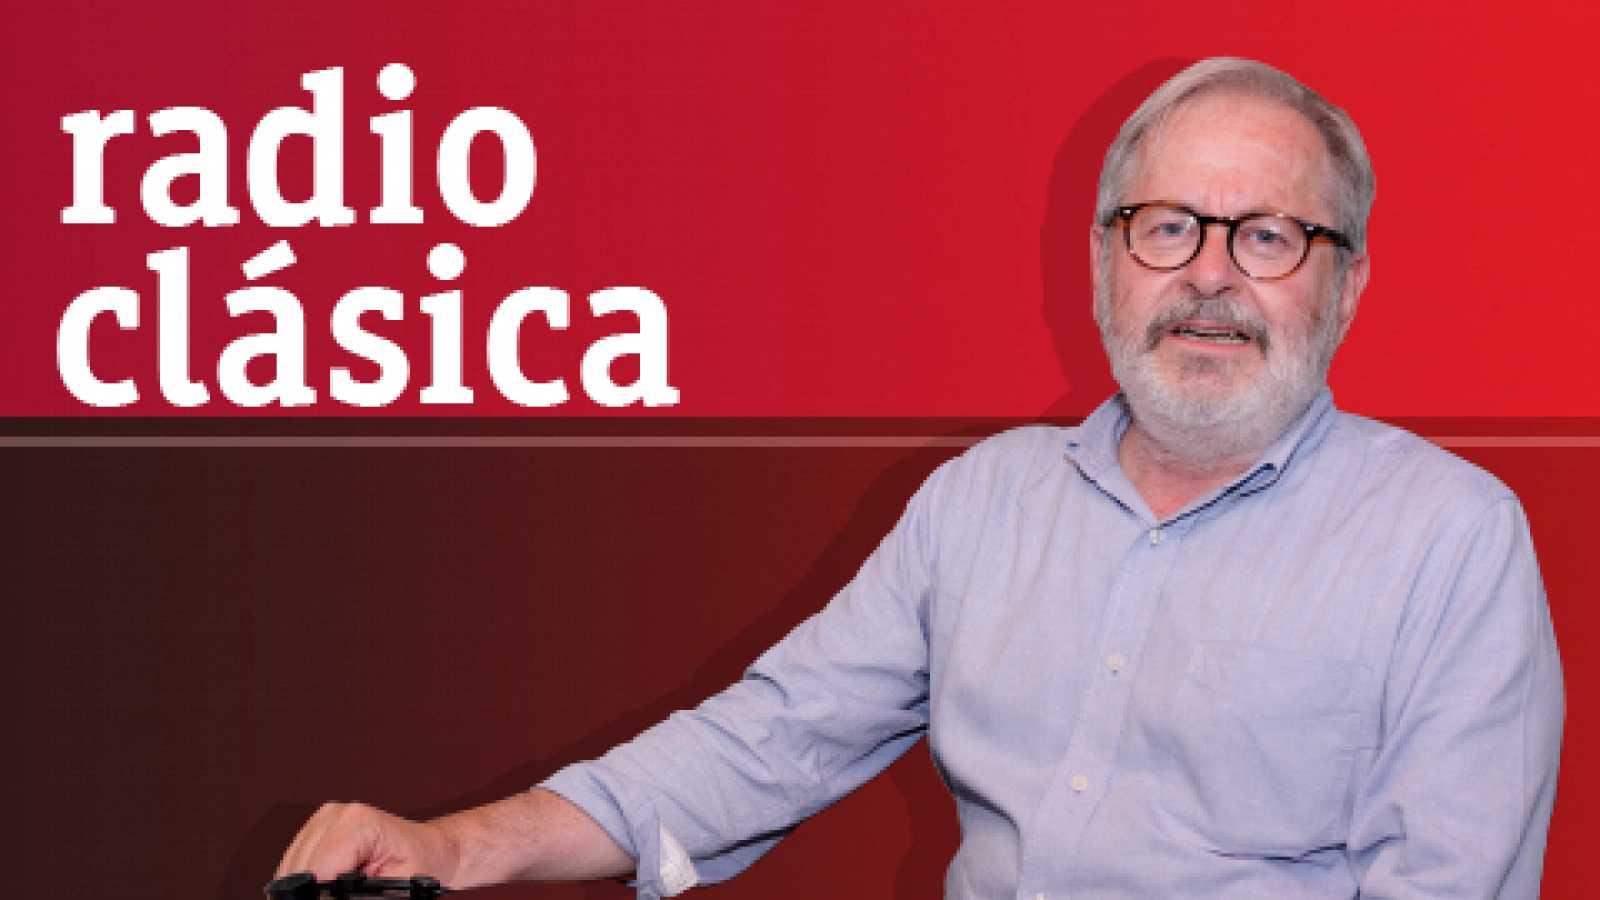 Juego de espejos - Estrella de Diego - 07/03/16 - escuchar ahora